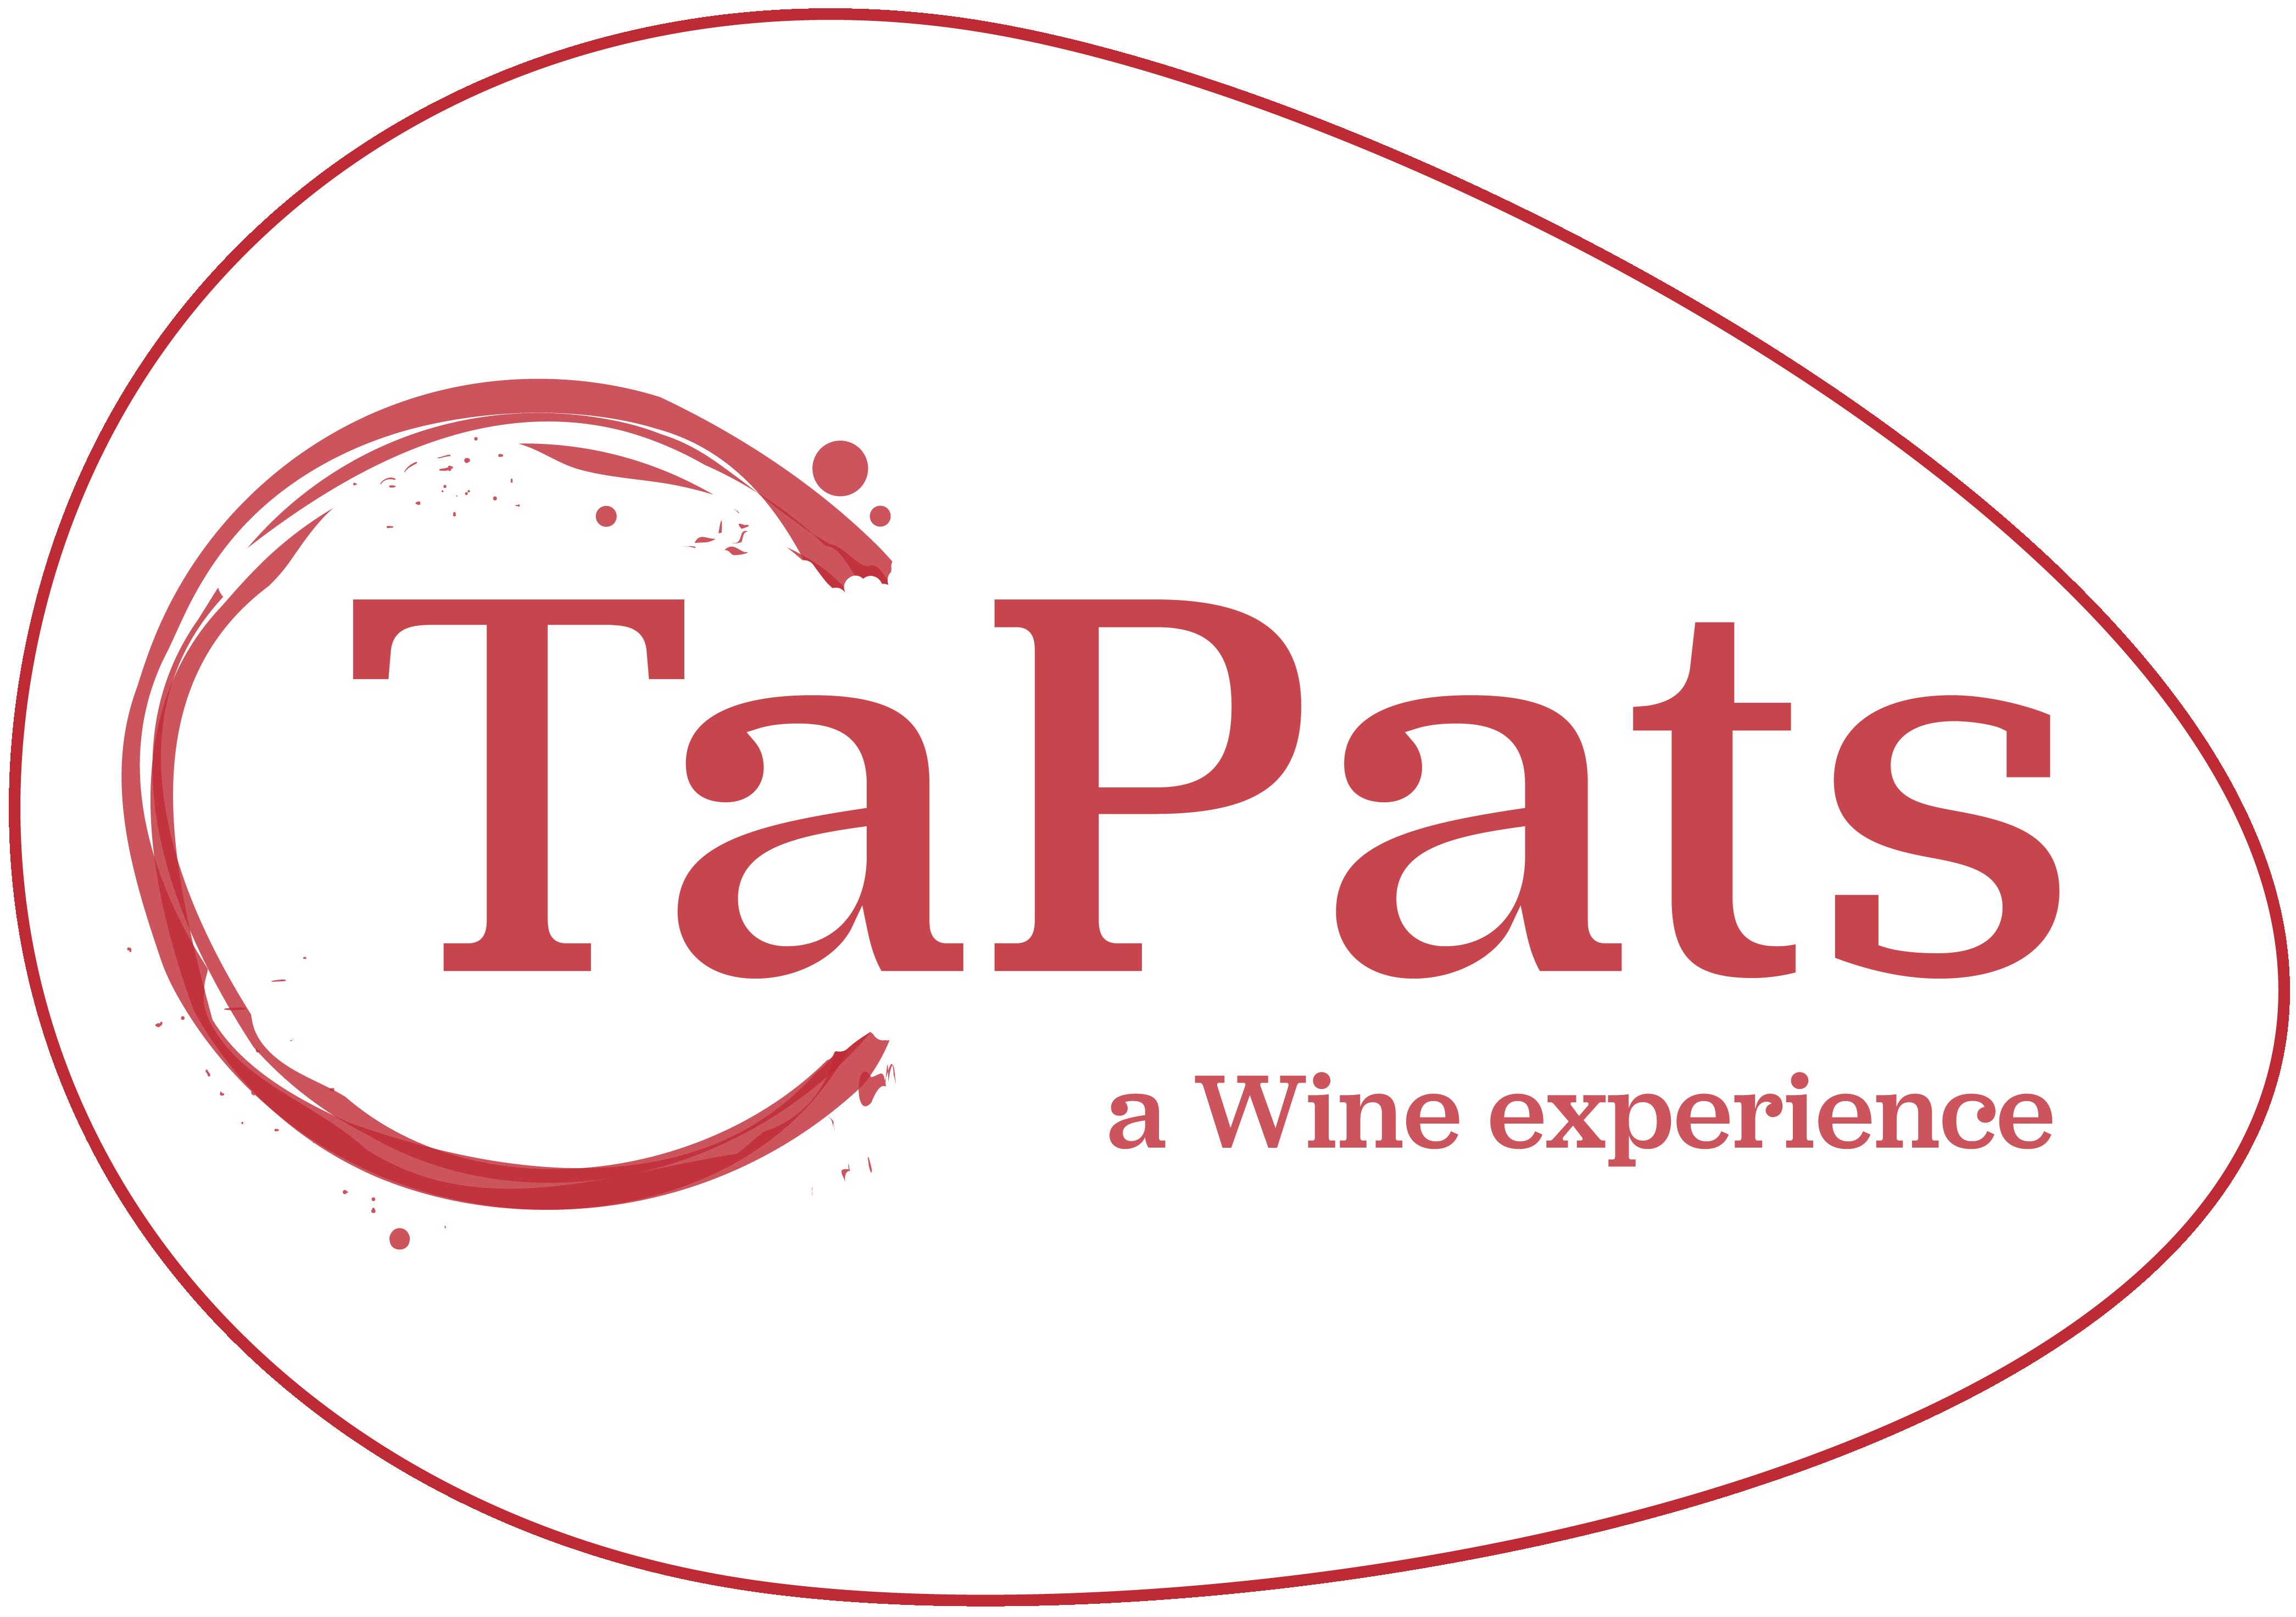 TaPats